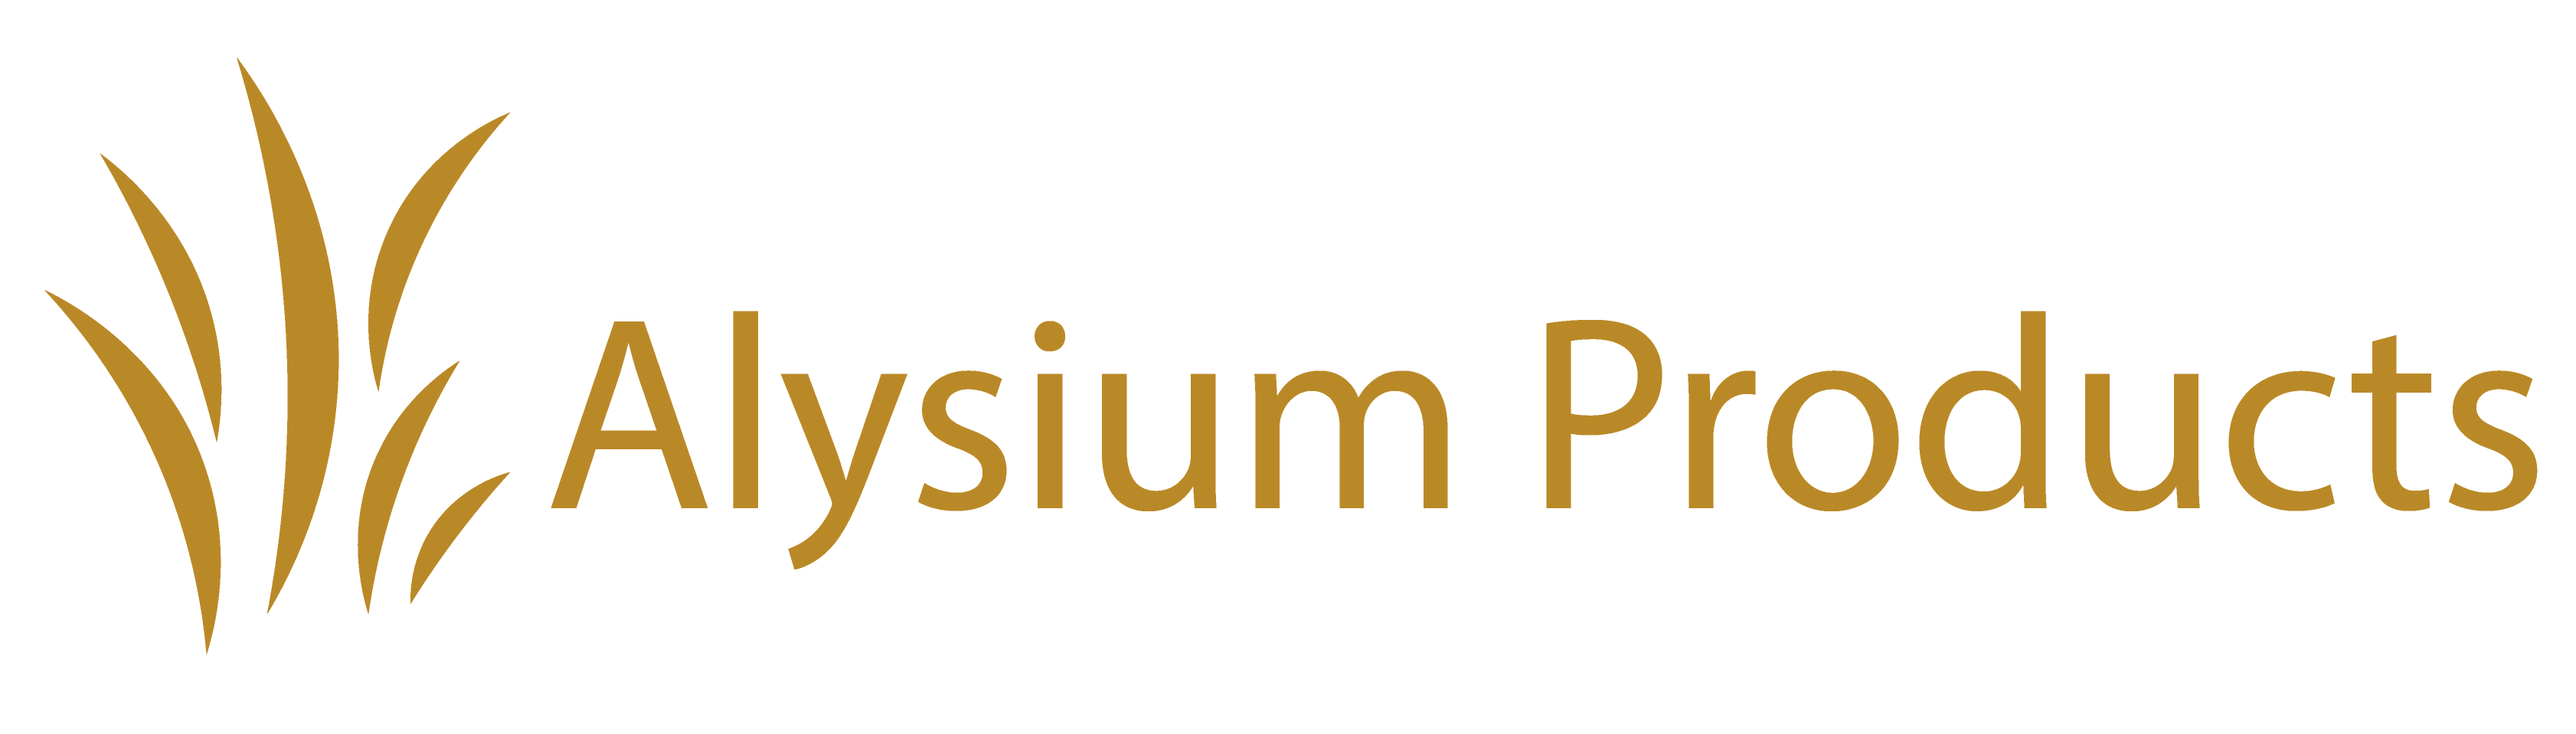 Alysium Products